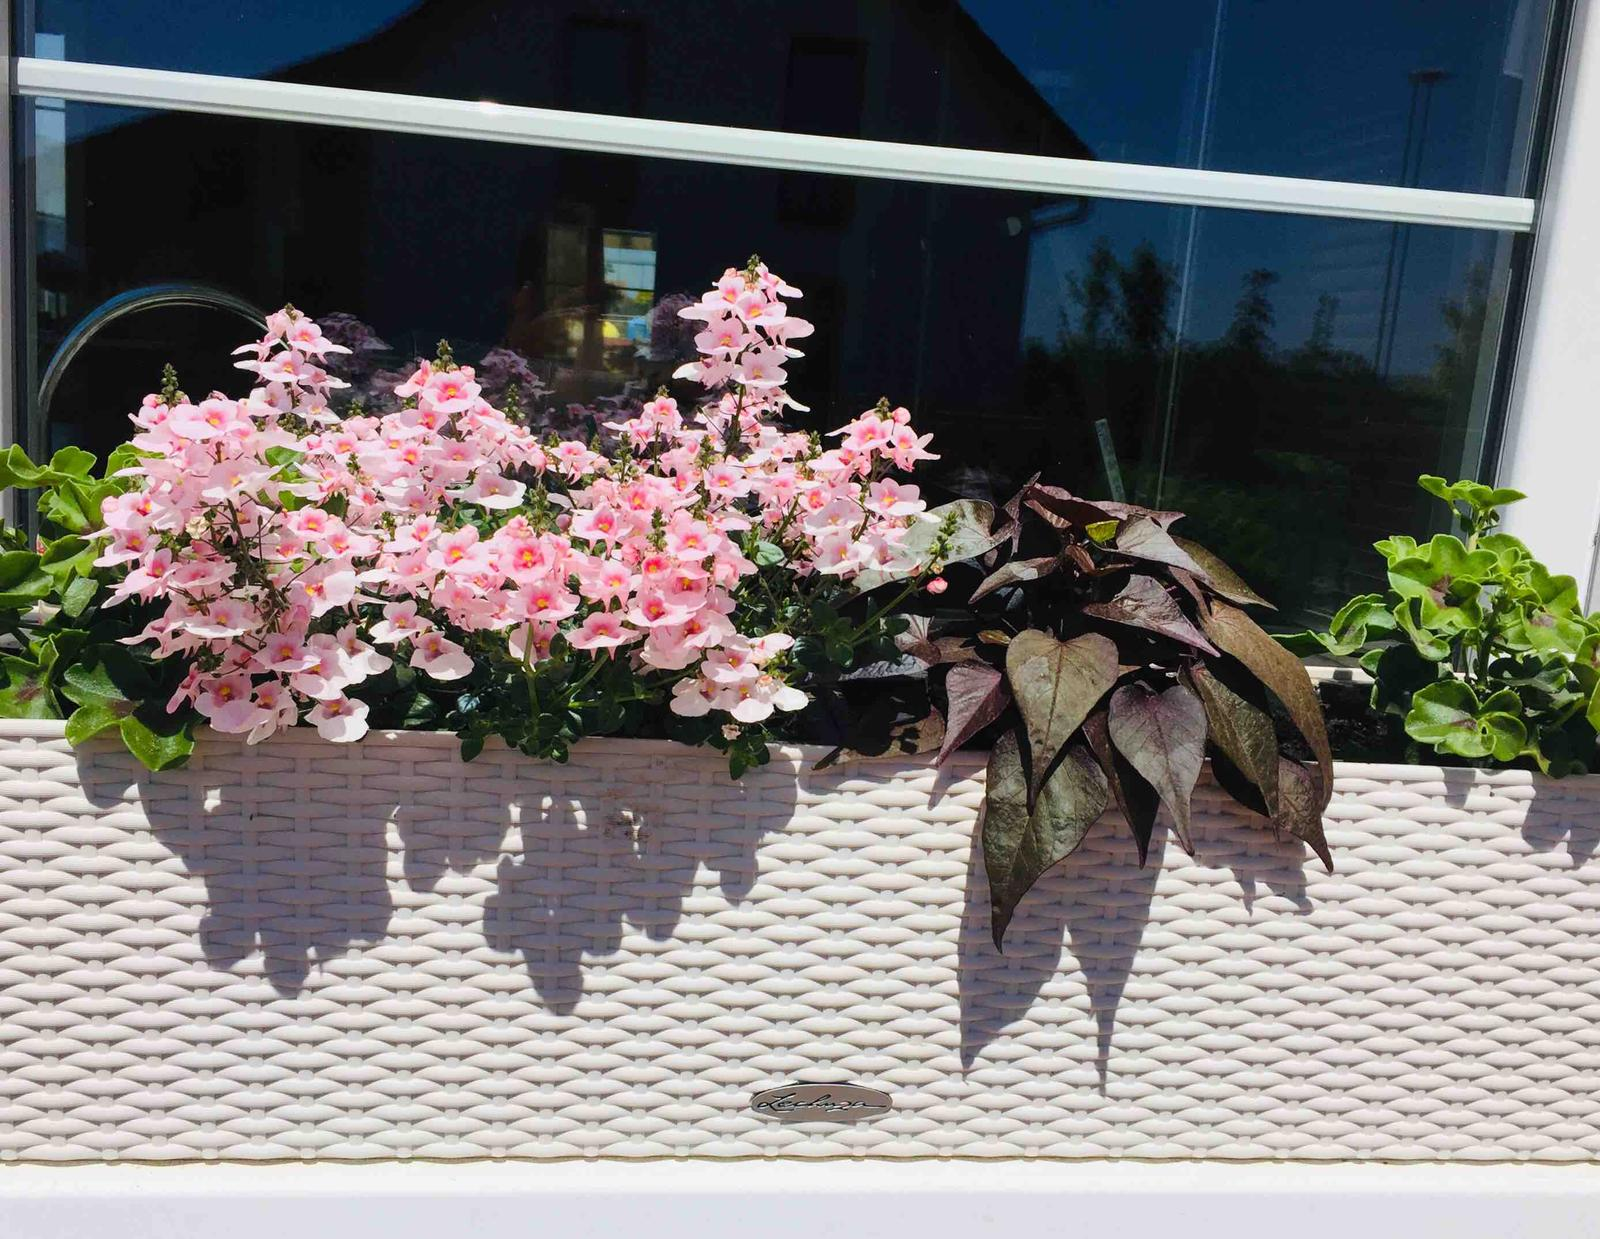 Naše barevná zahrada 🌸 rok 2020 - Na stranách převislý muškát - nekvete, stále zaštipuji, tmavý batát a diascie-ta zatím kvete krásně